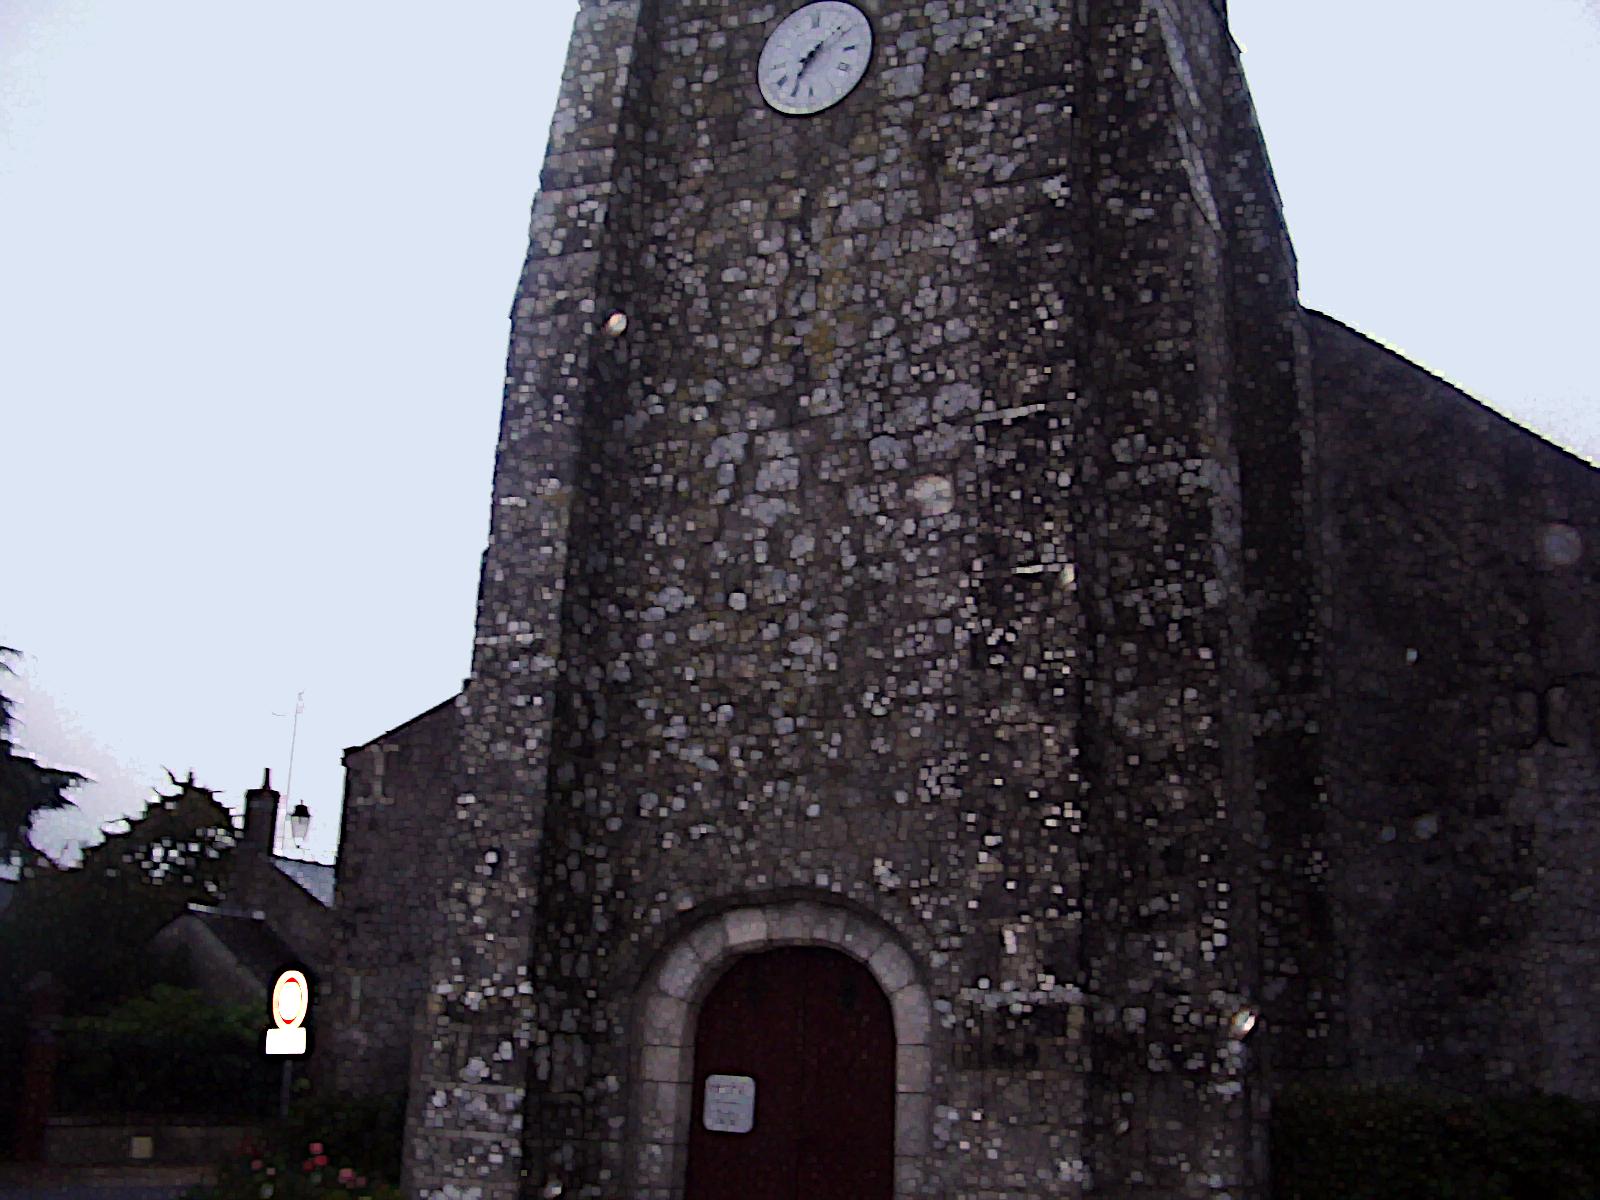 Cravant (Loiret)